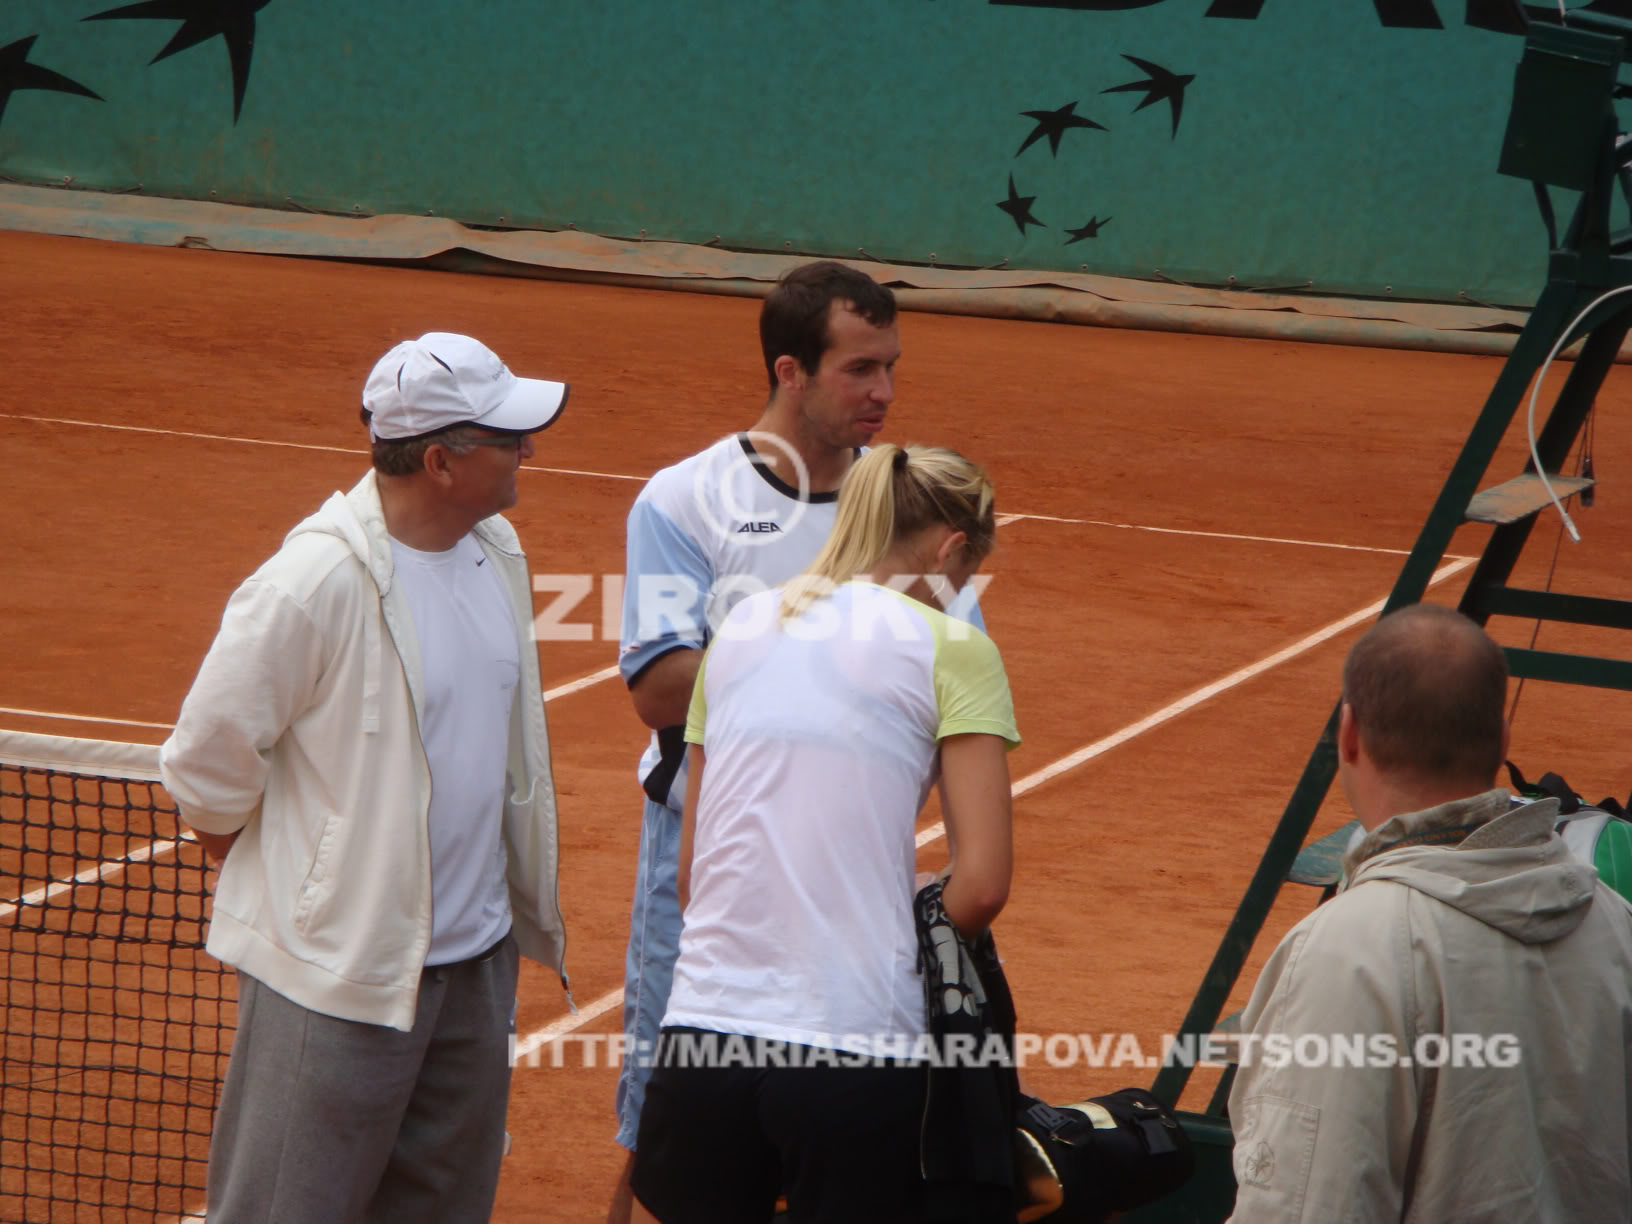 Radek Stepanek and Maria Sharapova